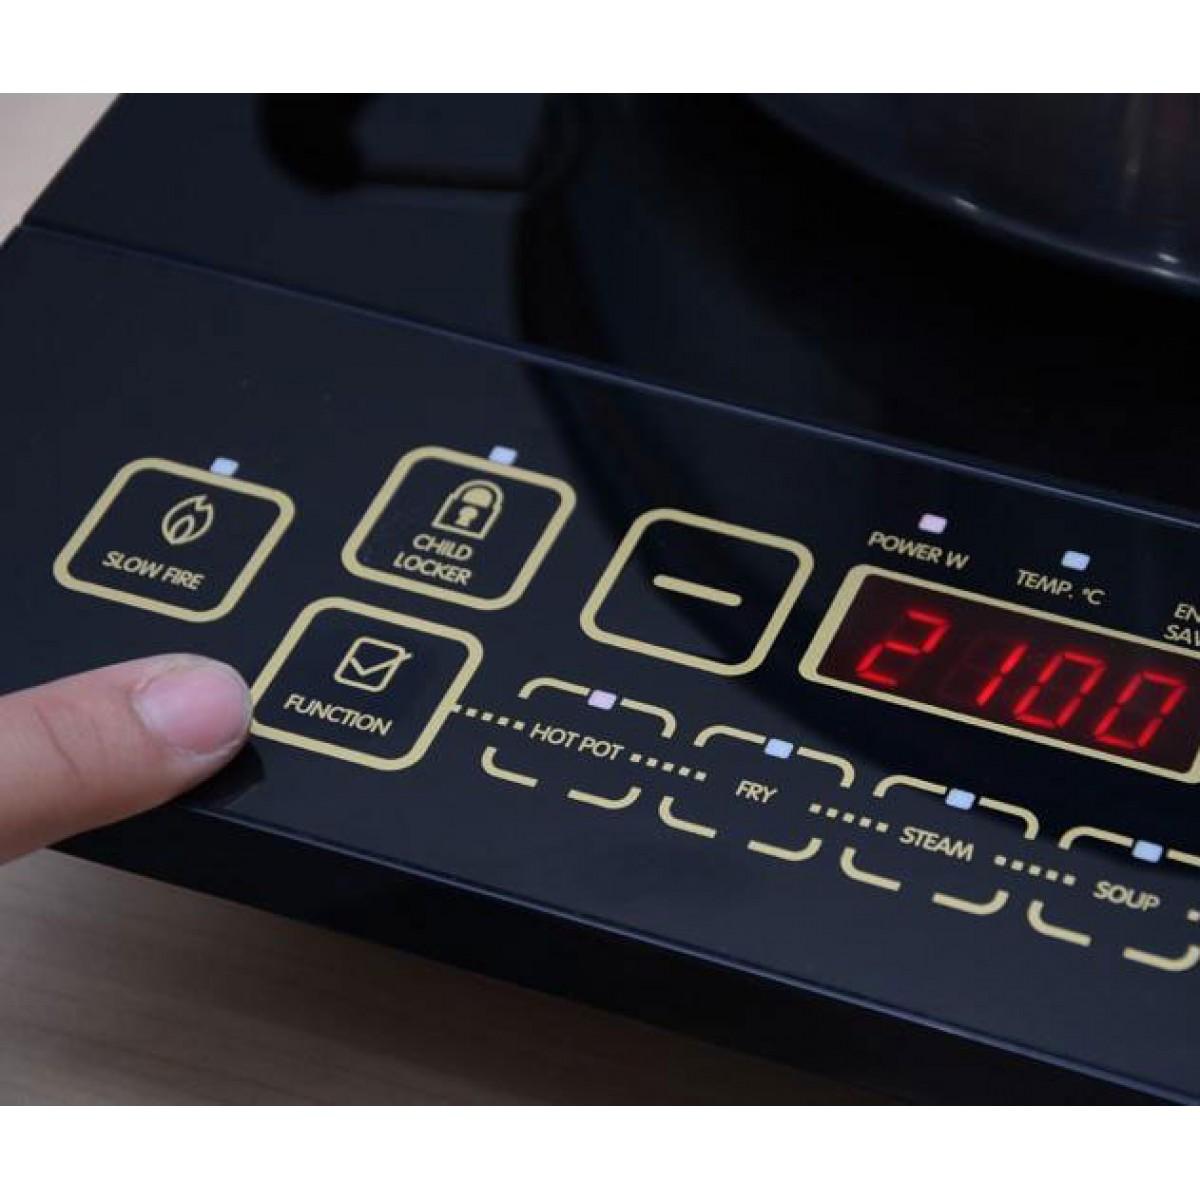 Bếp vận hành với bộ điều khiển cơ bền, dễ sử dụng